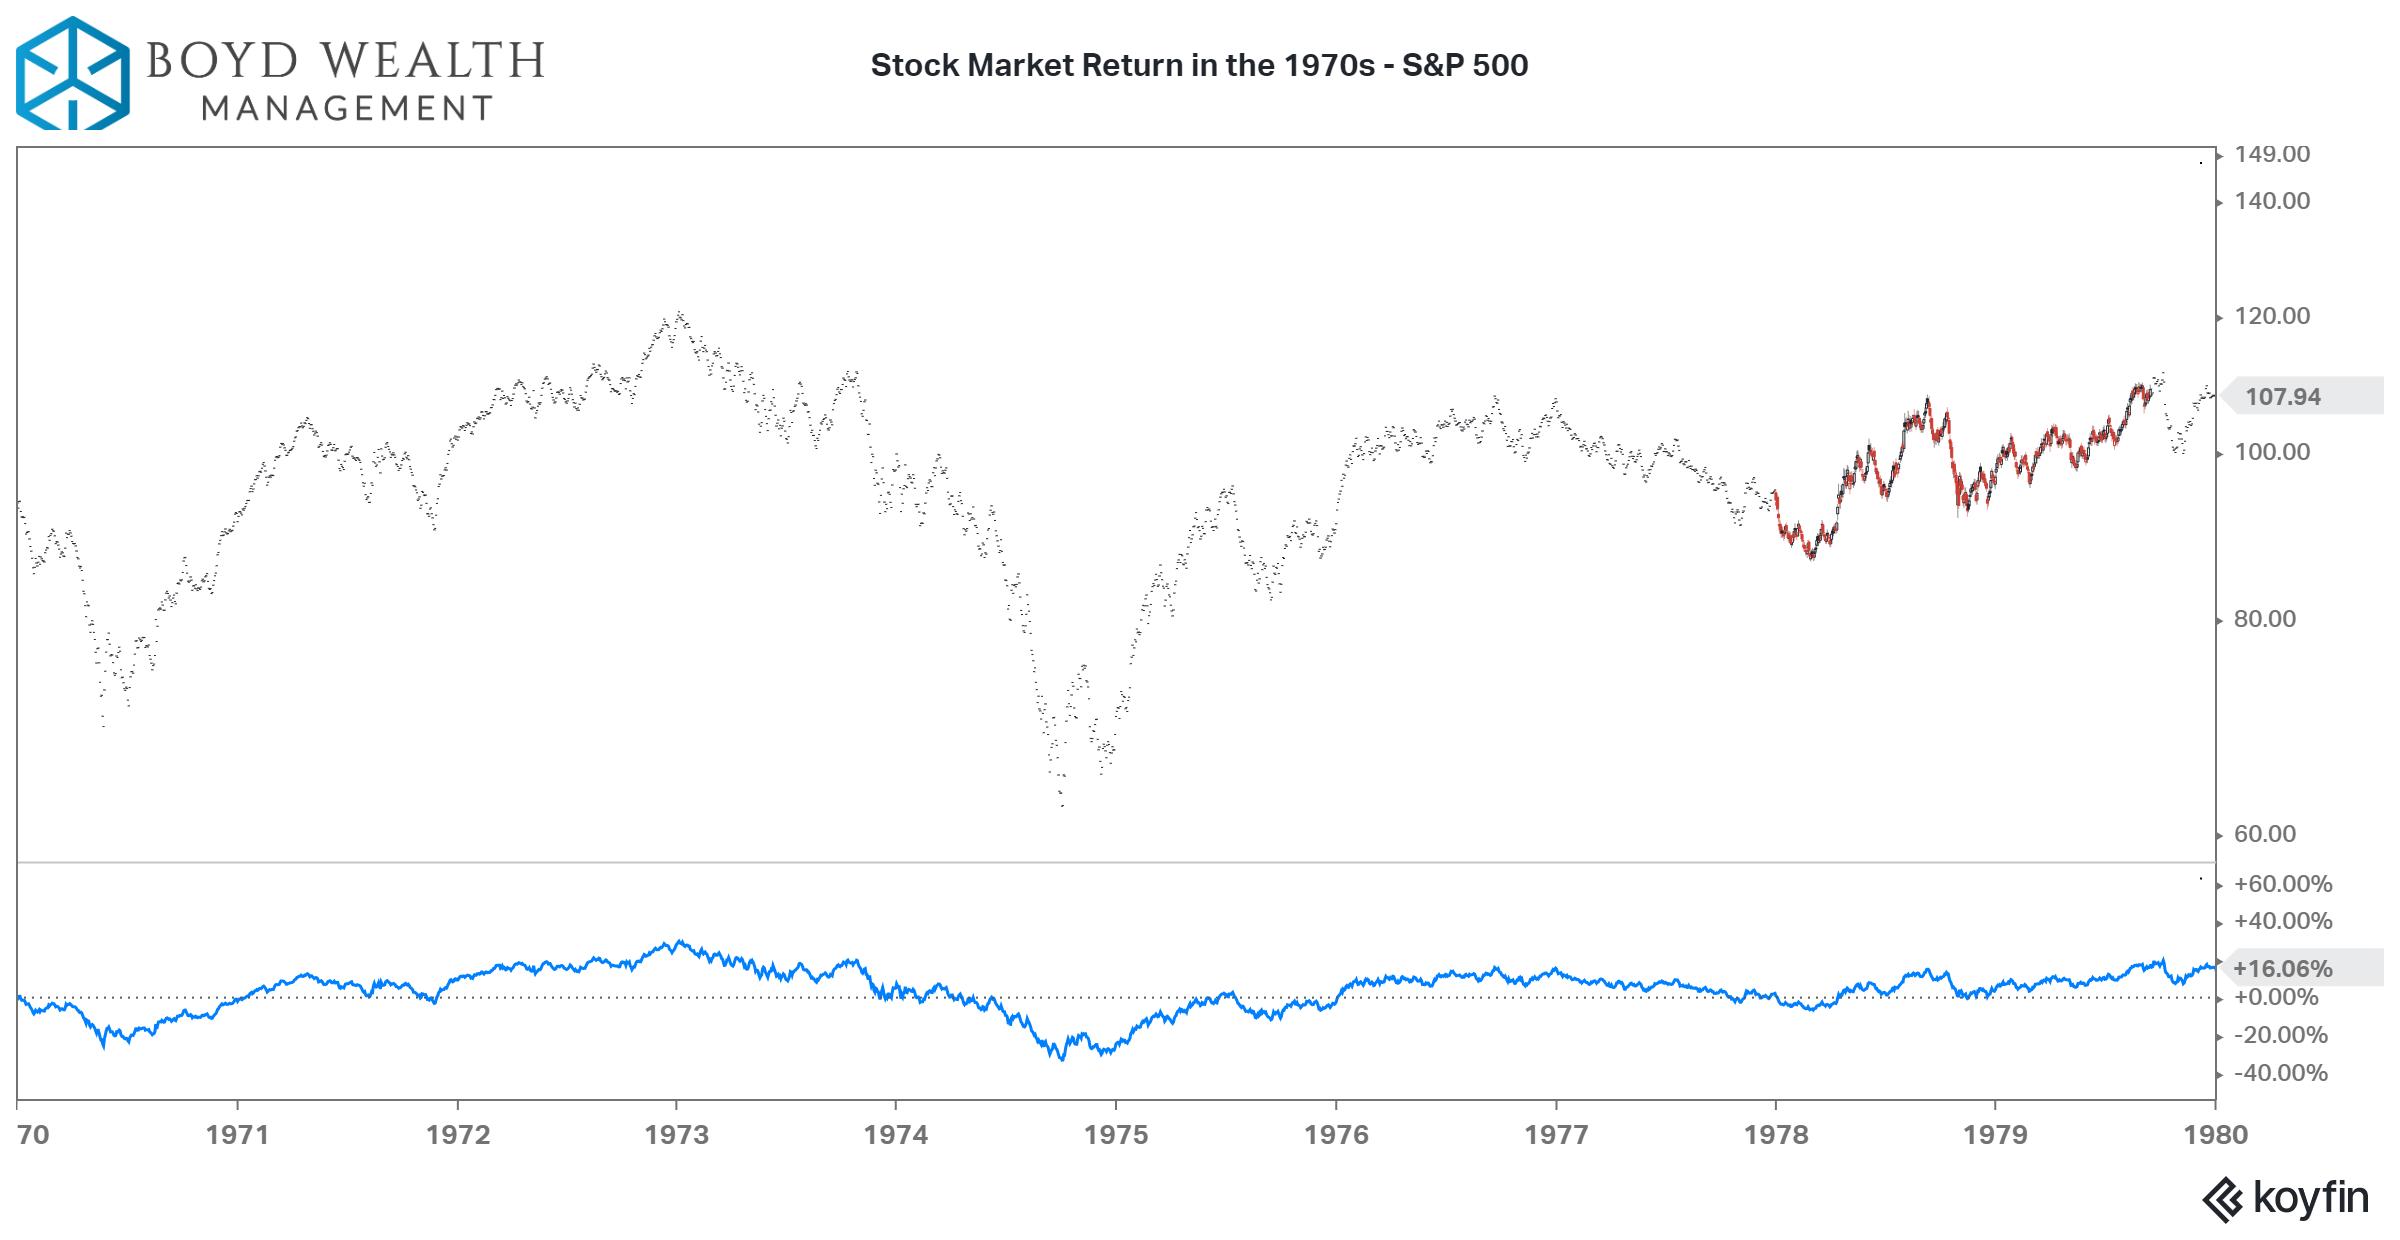 Stock Market Return 19070s